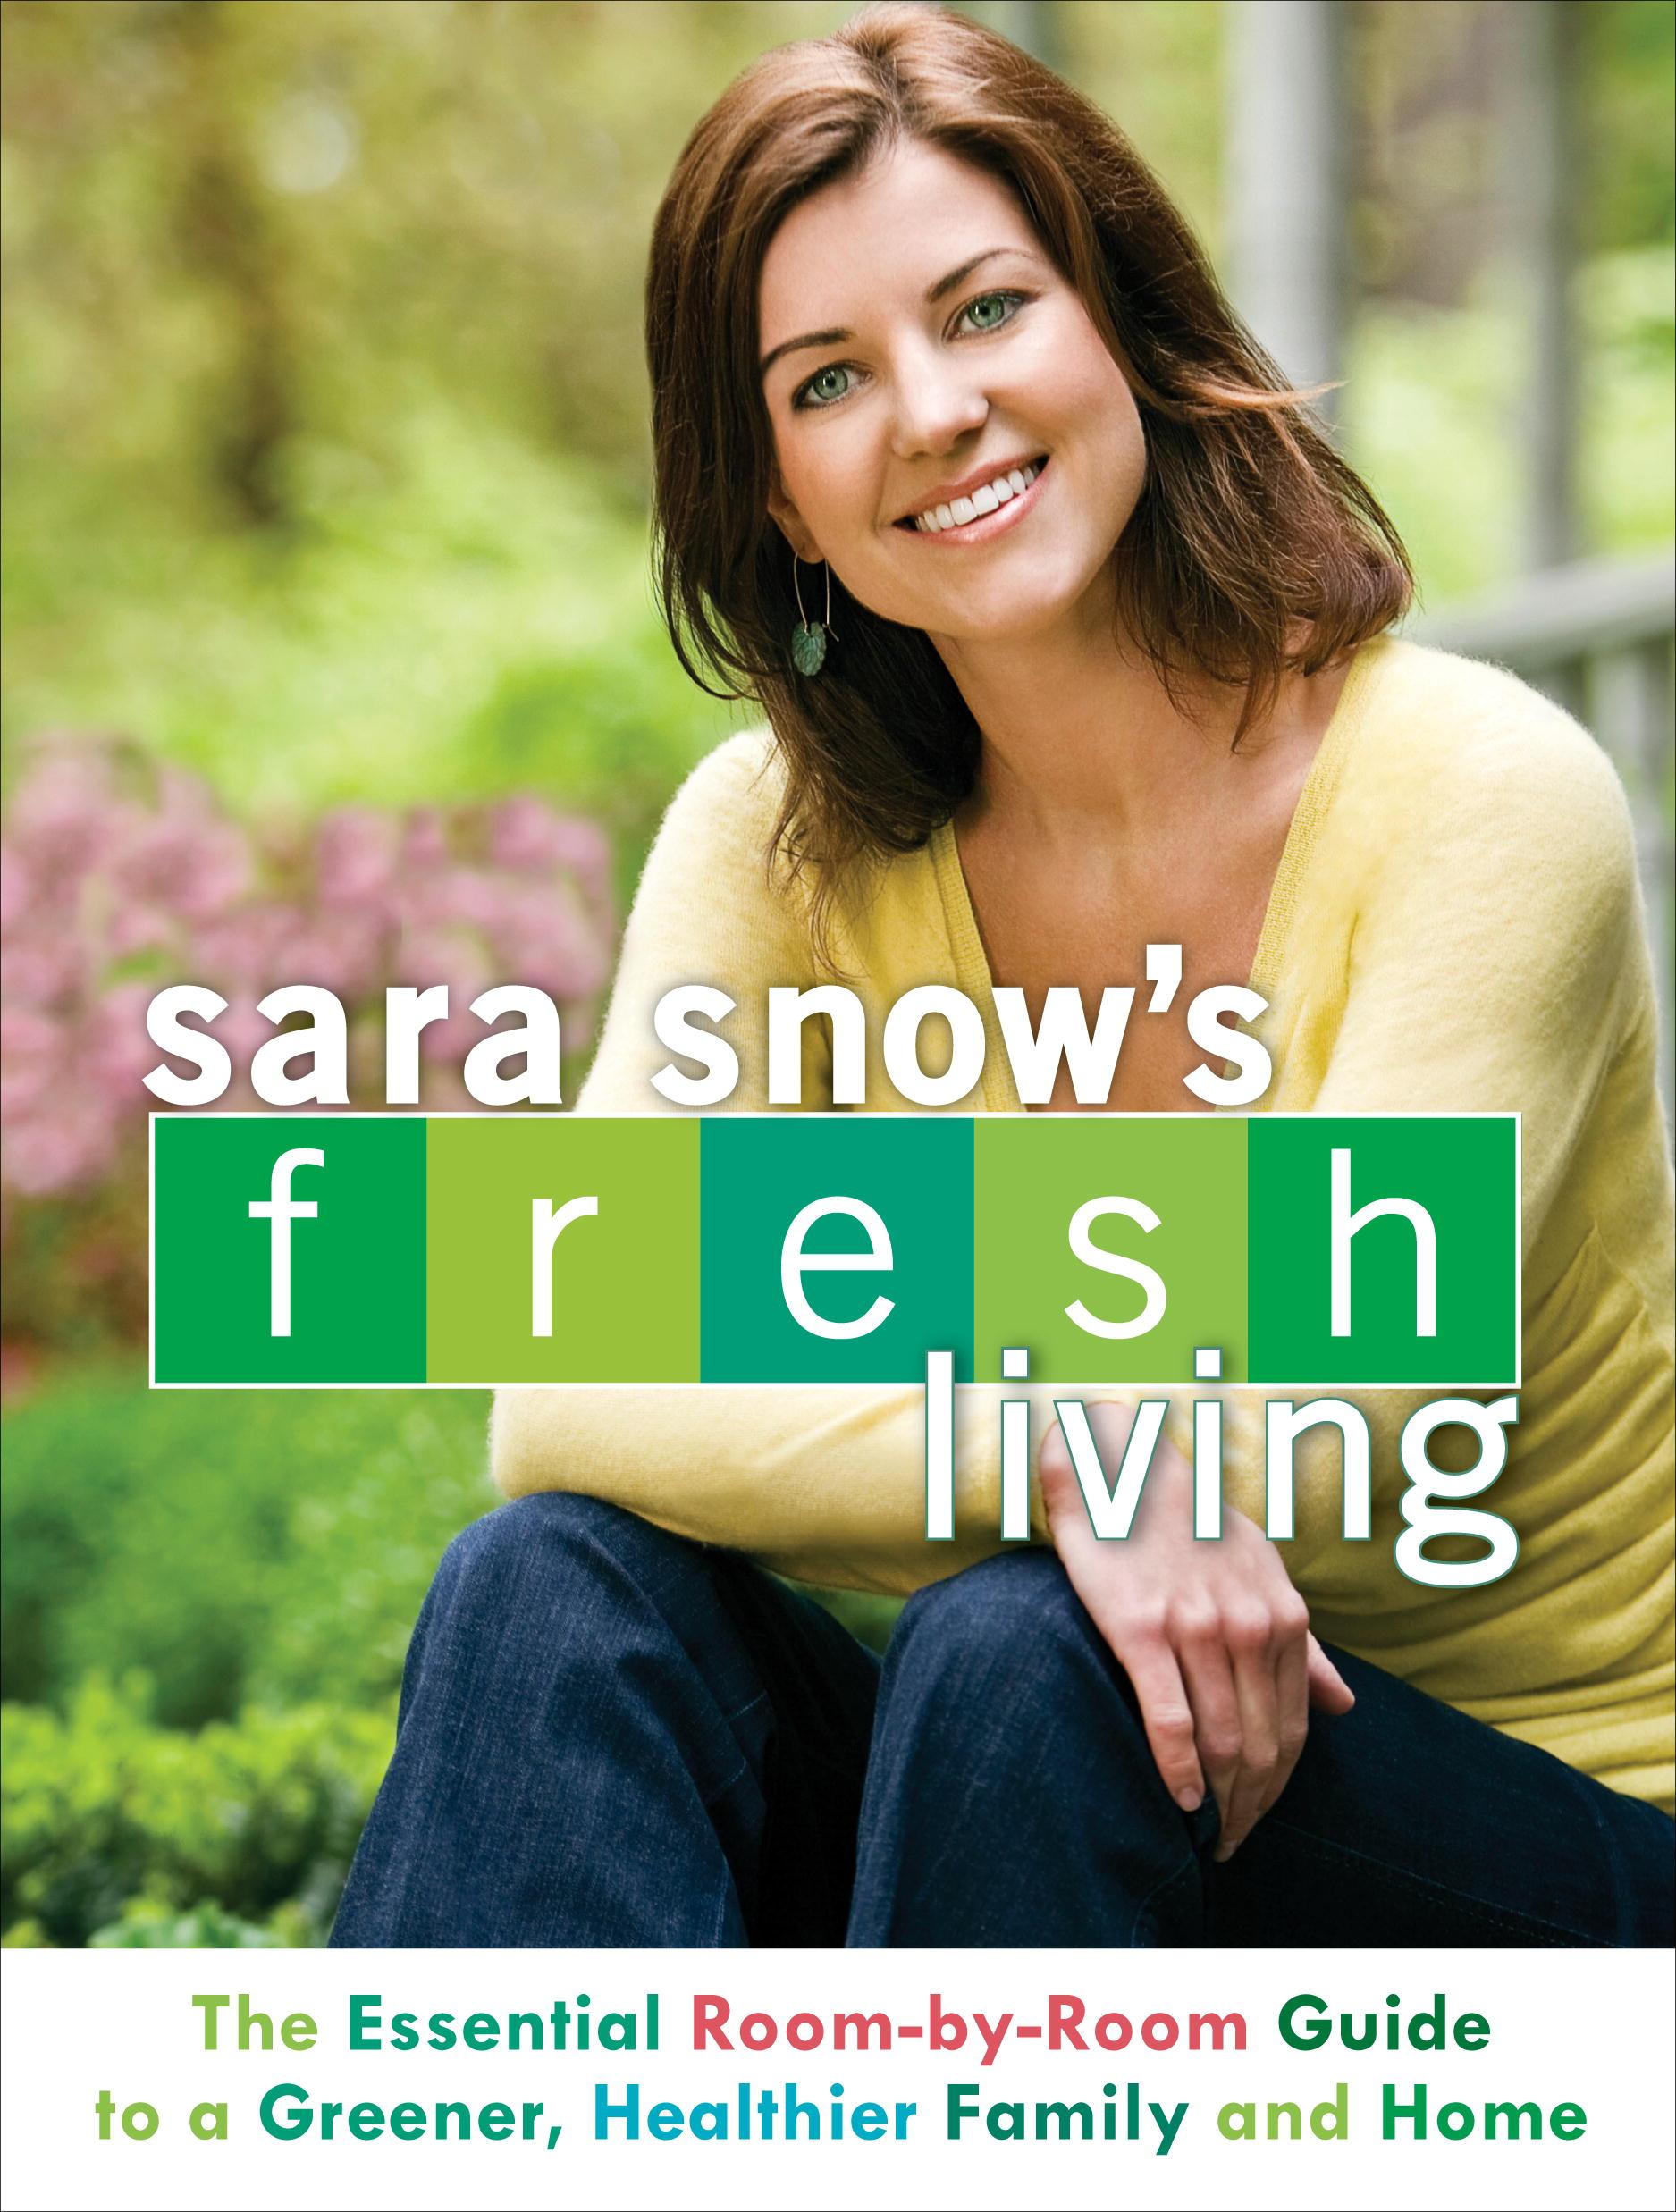 sara-snows-fresh-living